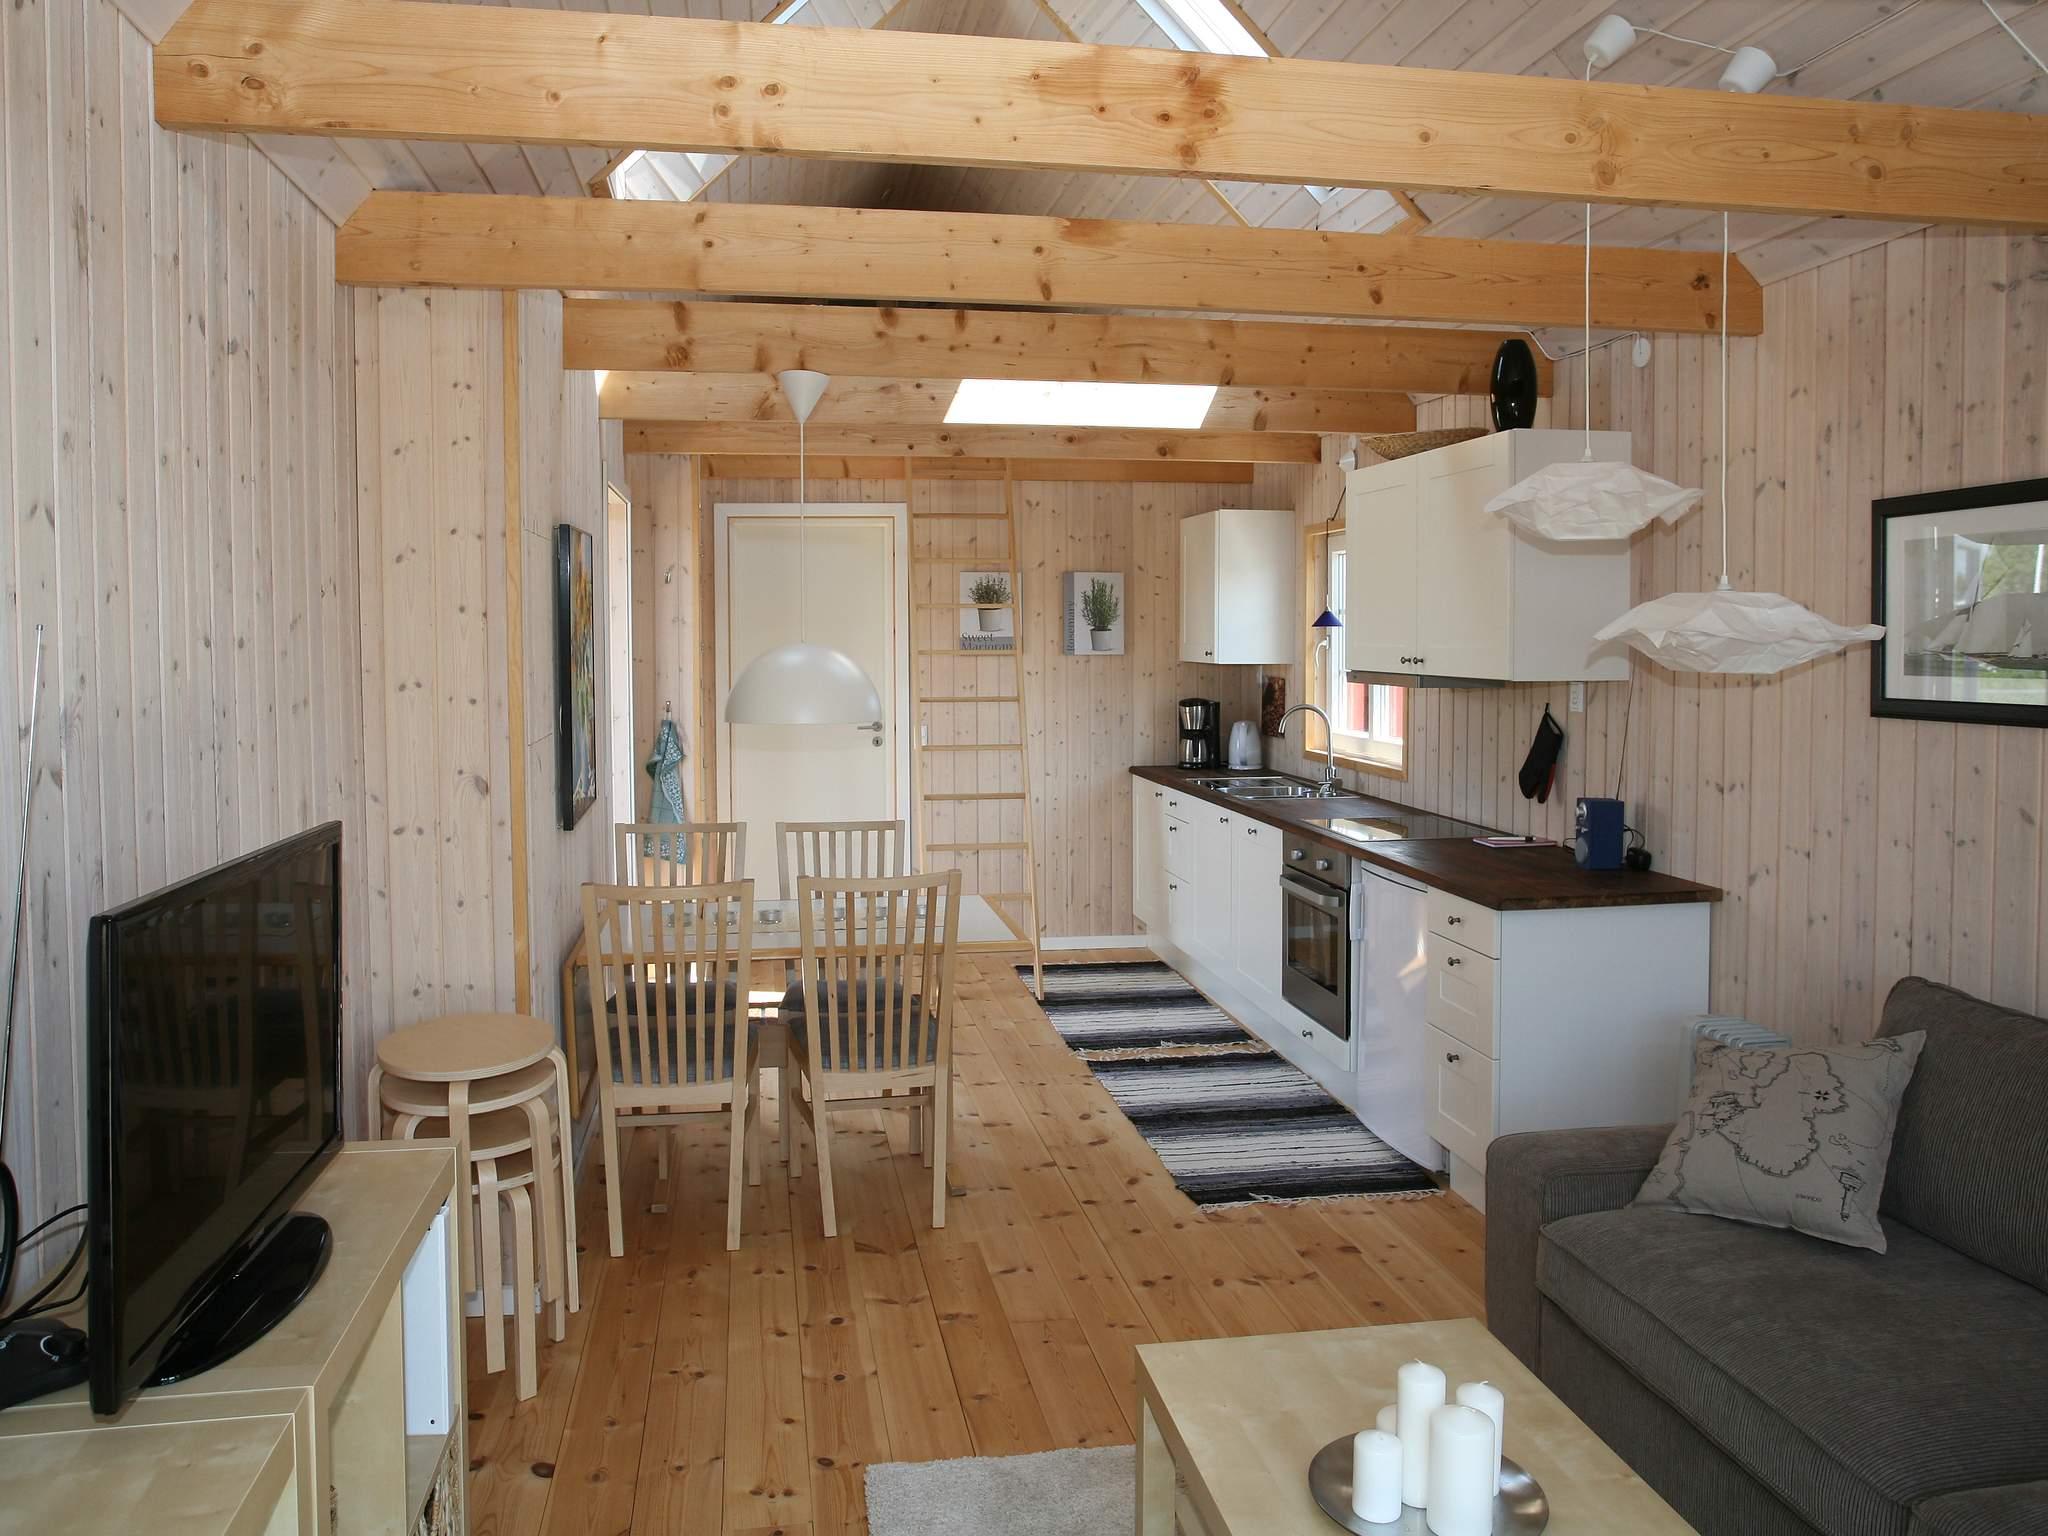 Ferienhaus Karrebæksminde (590968), Karrebæksminde, , Südseeland, Dänemark, Bild 3